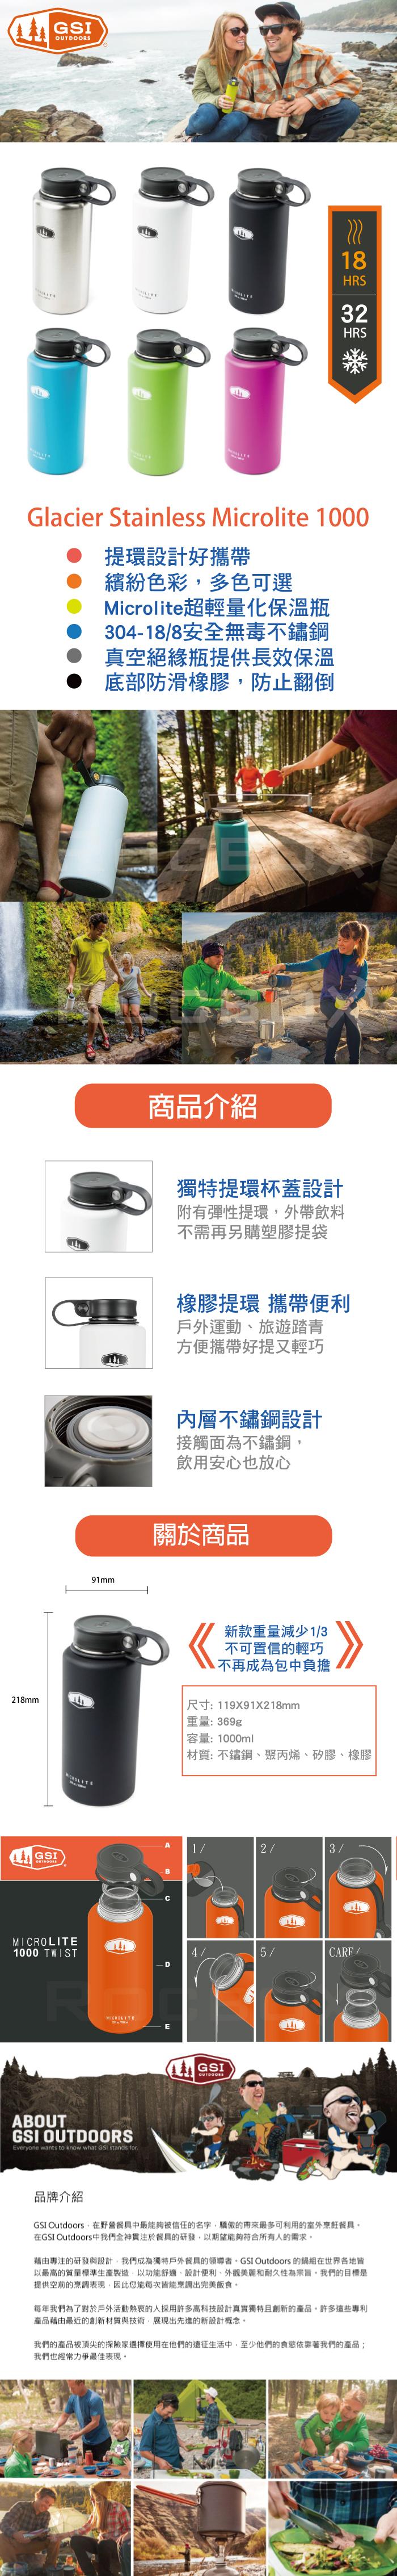 (複製)美國GSI 輕量單手提環不鏽鋼保溫瓶-0.7L